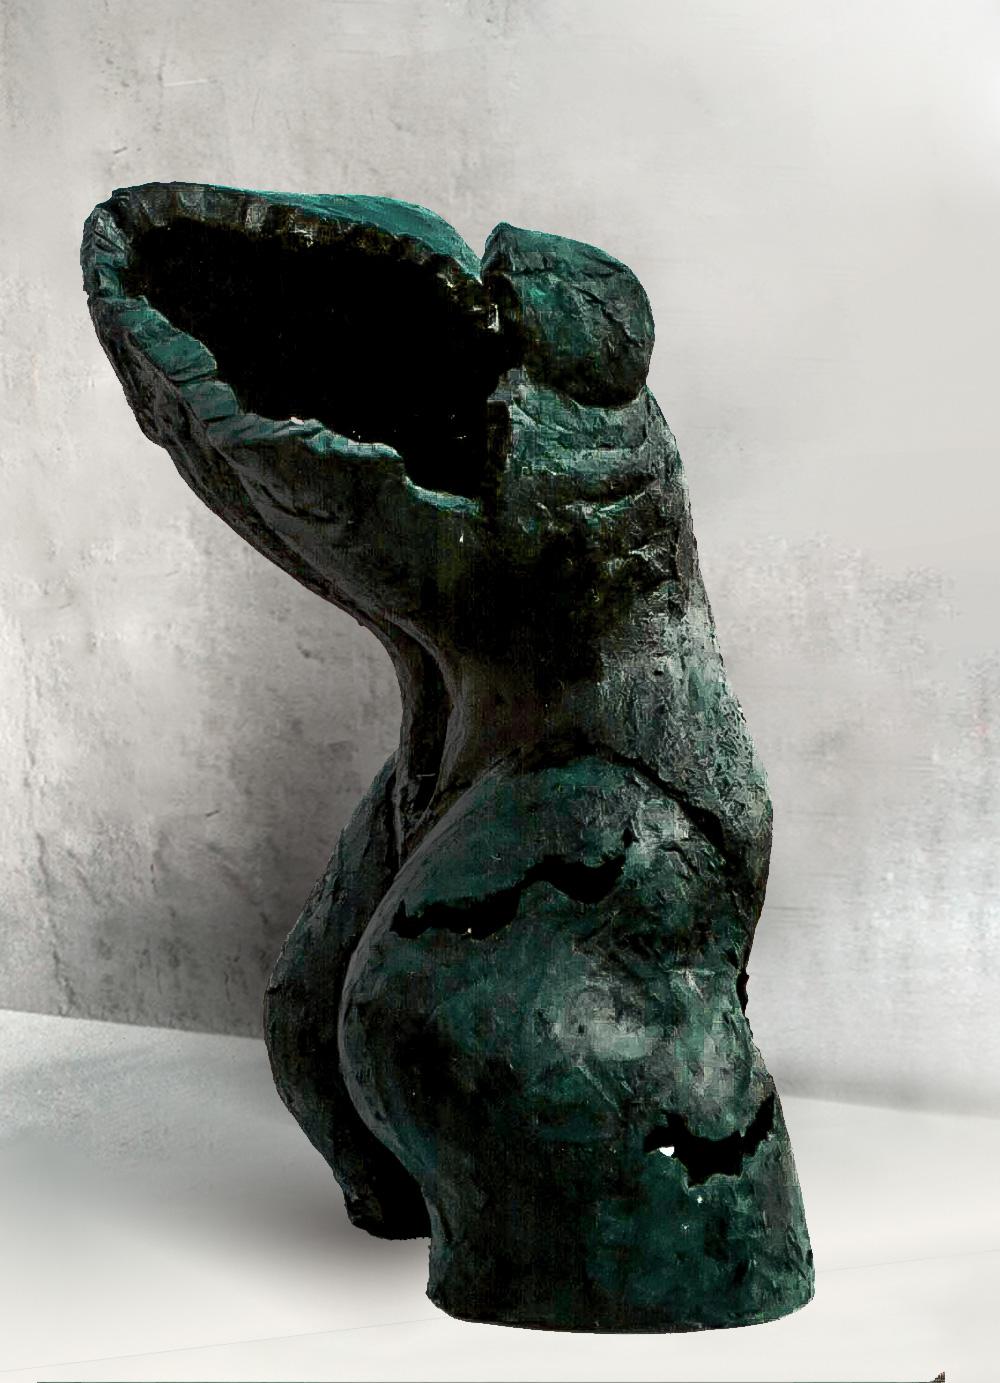 Escultura-Torso-Femenino-Oxido-Verde-C-C.Danone-RD.Escultor